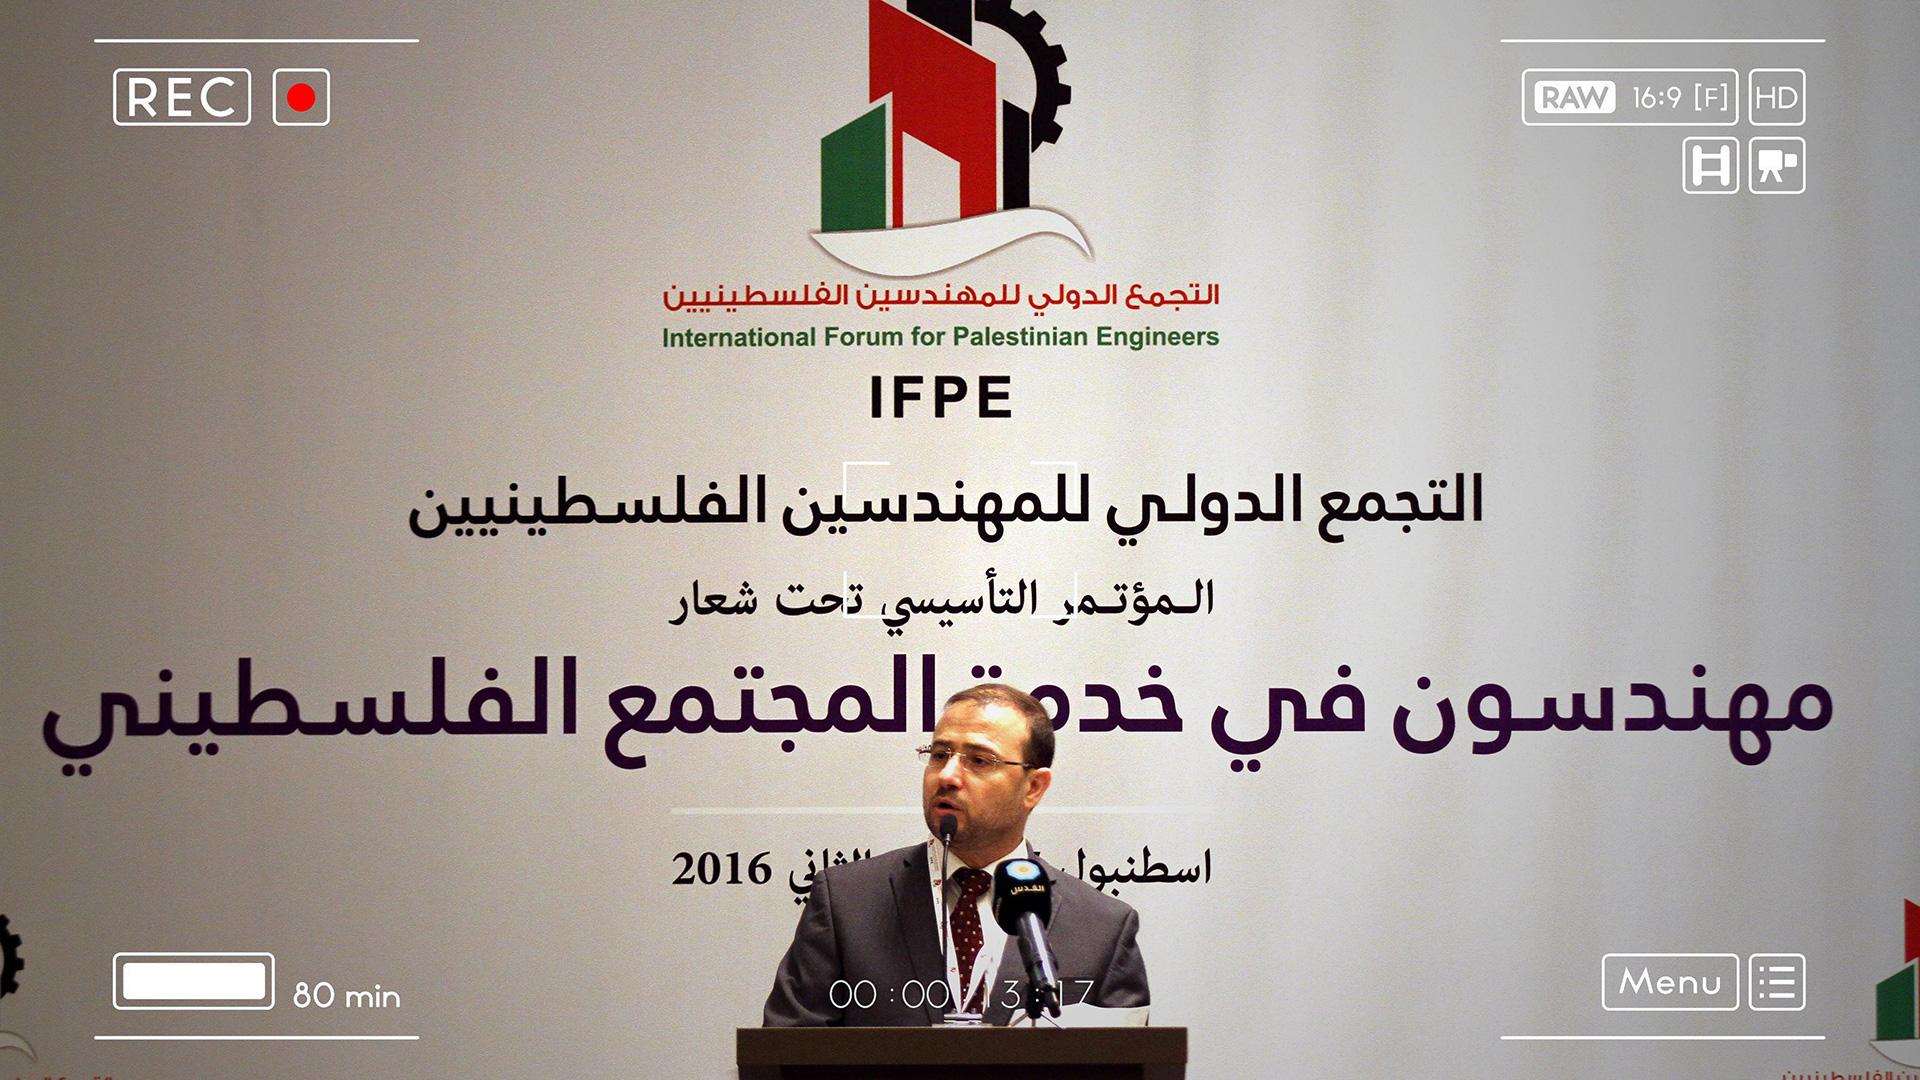 المؤتمر التأسيسي للتجمع الدولي للمهندسين الفلسطينيين